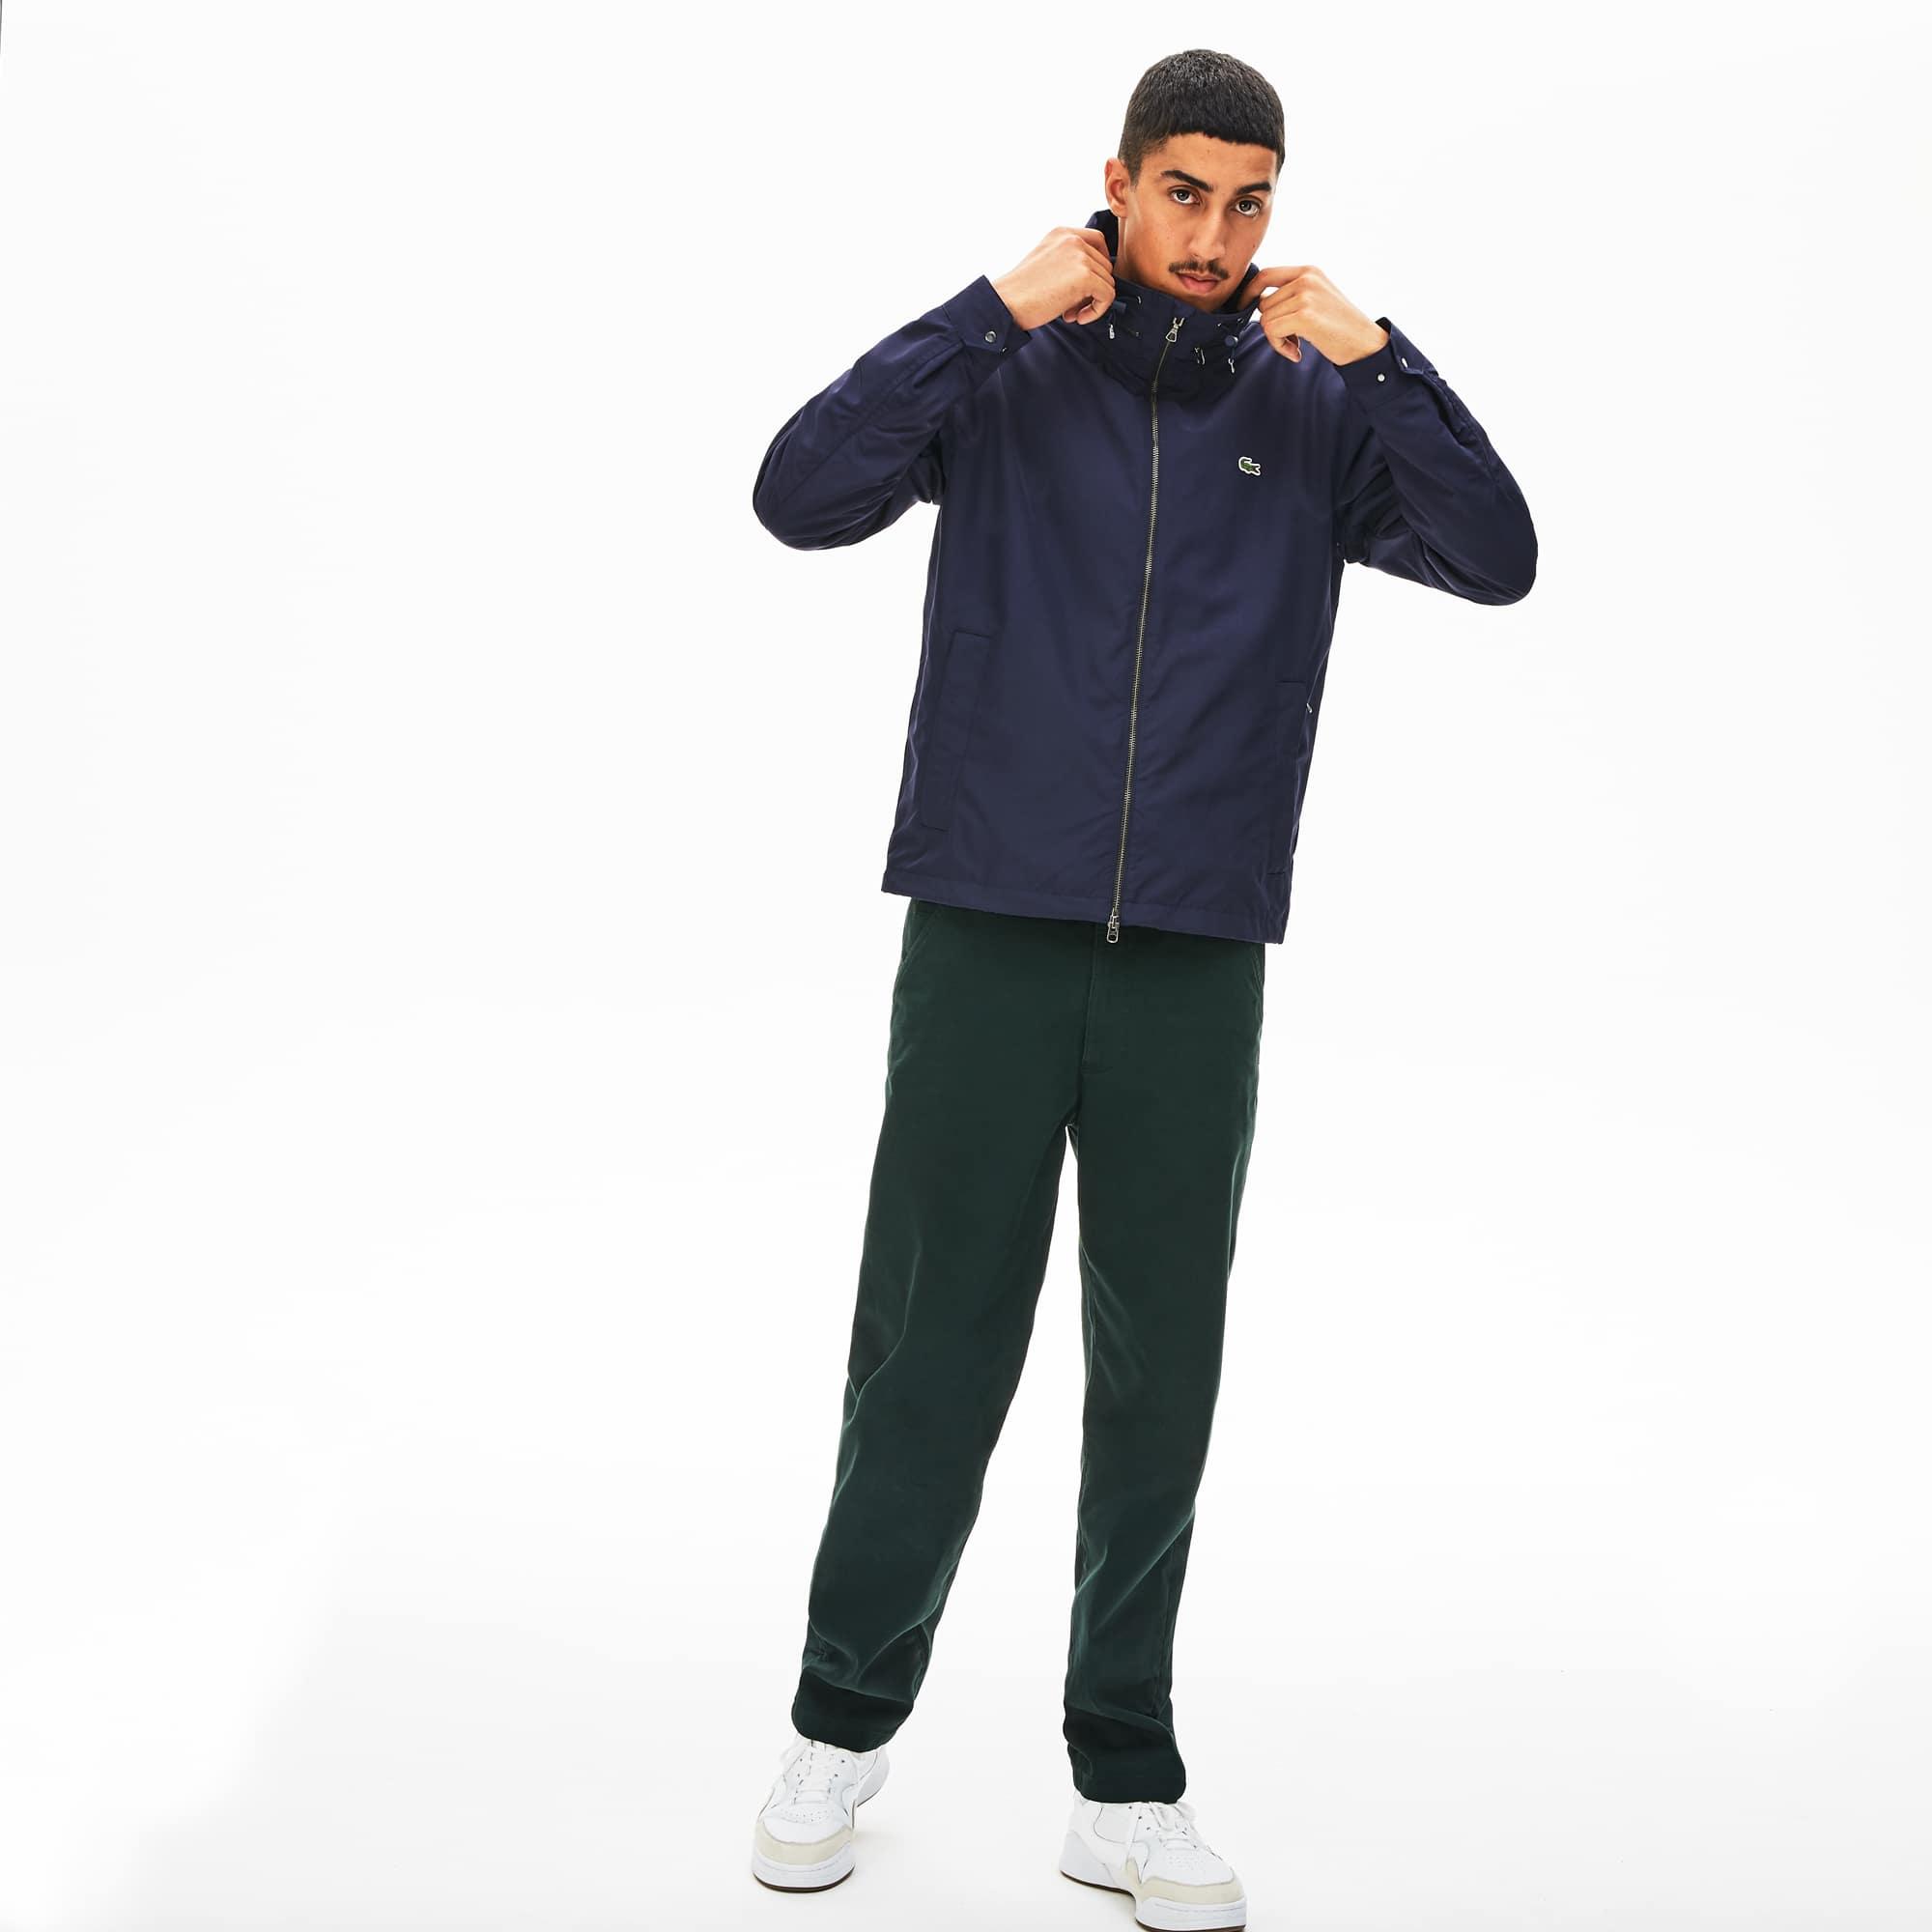 241407ce Jackets & Coats | Men's Fashion | LACOSTE